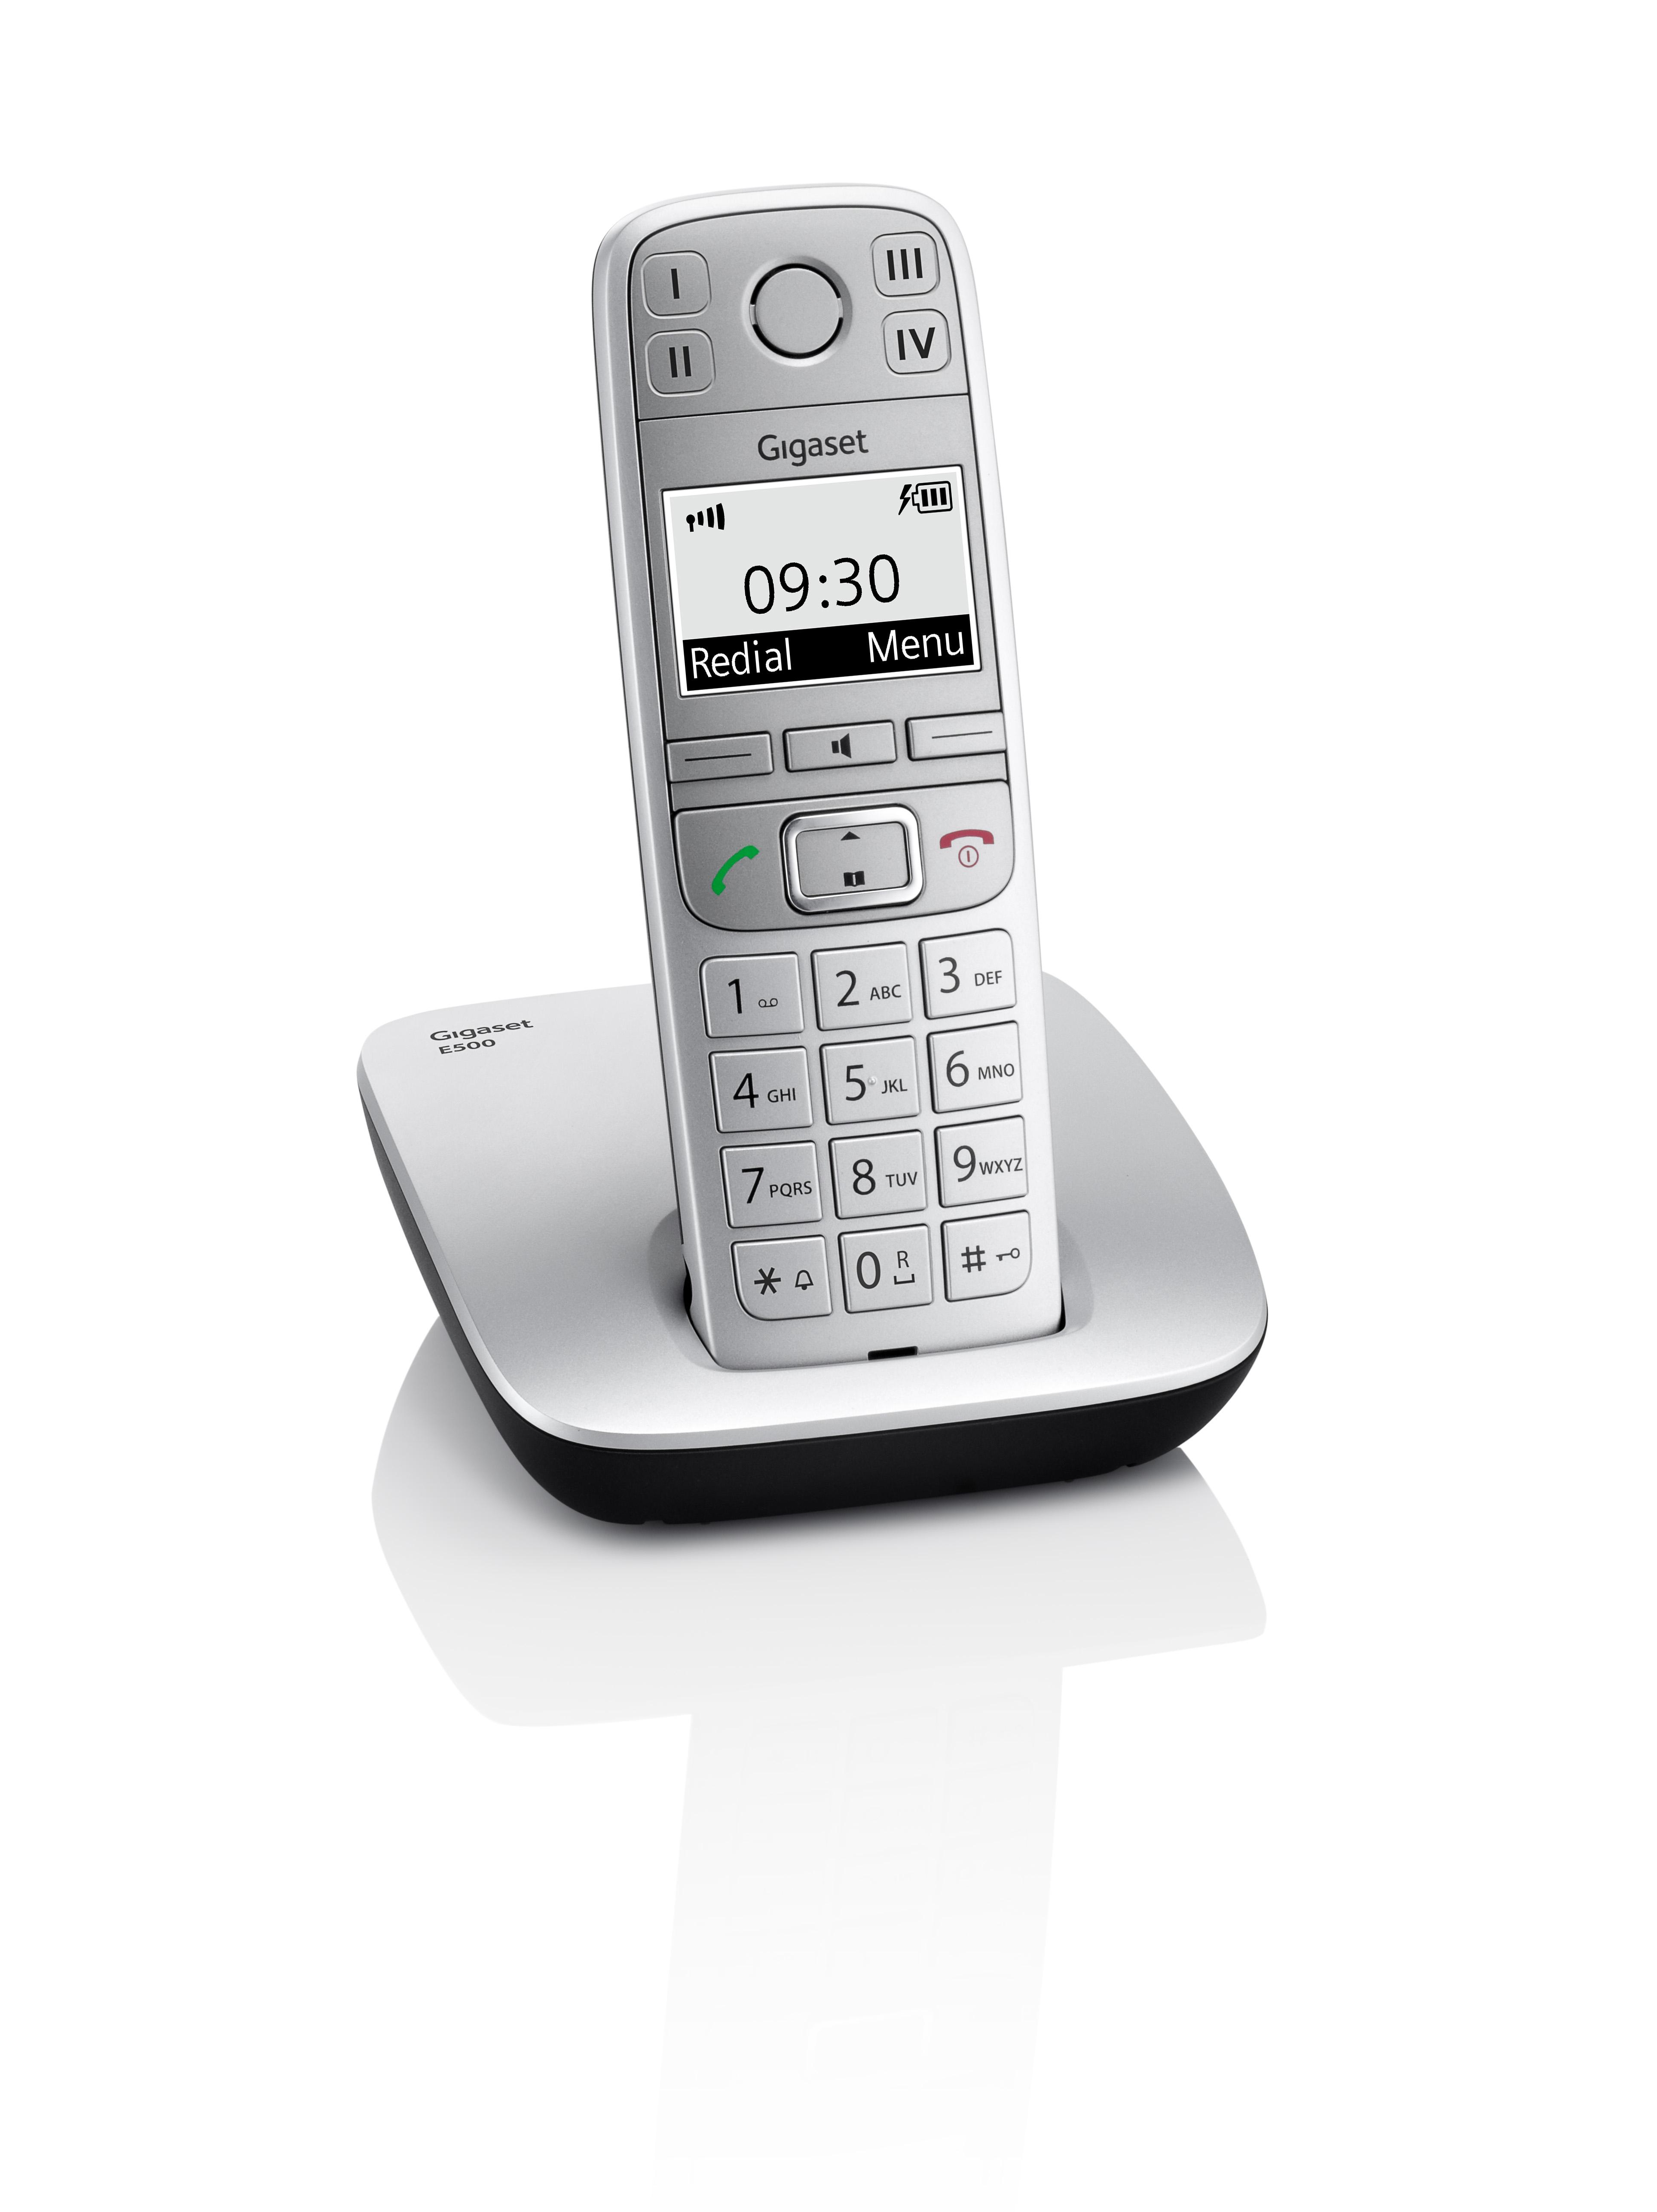 Gigaset telefoni cordless dedicati ai meno giovani le - Telefoni cordless design ...